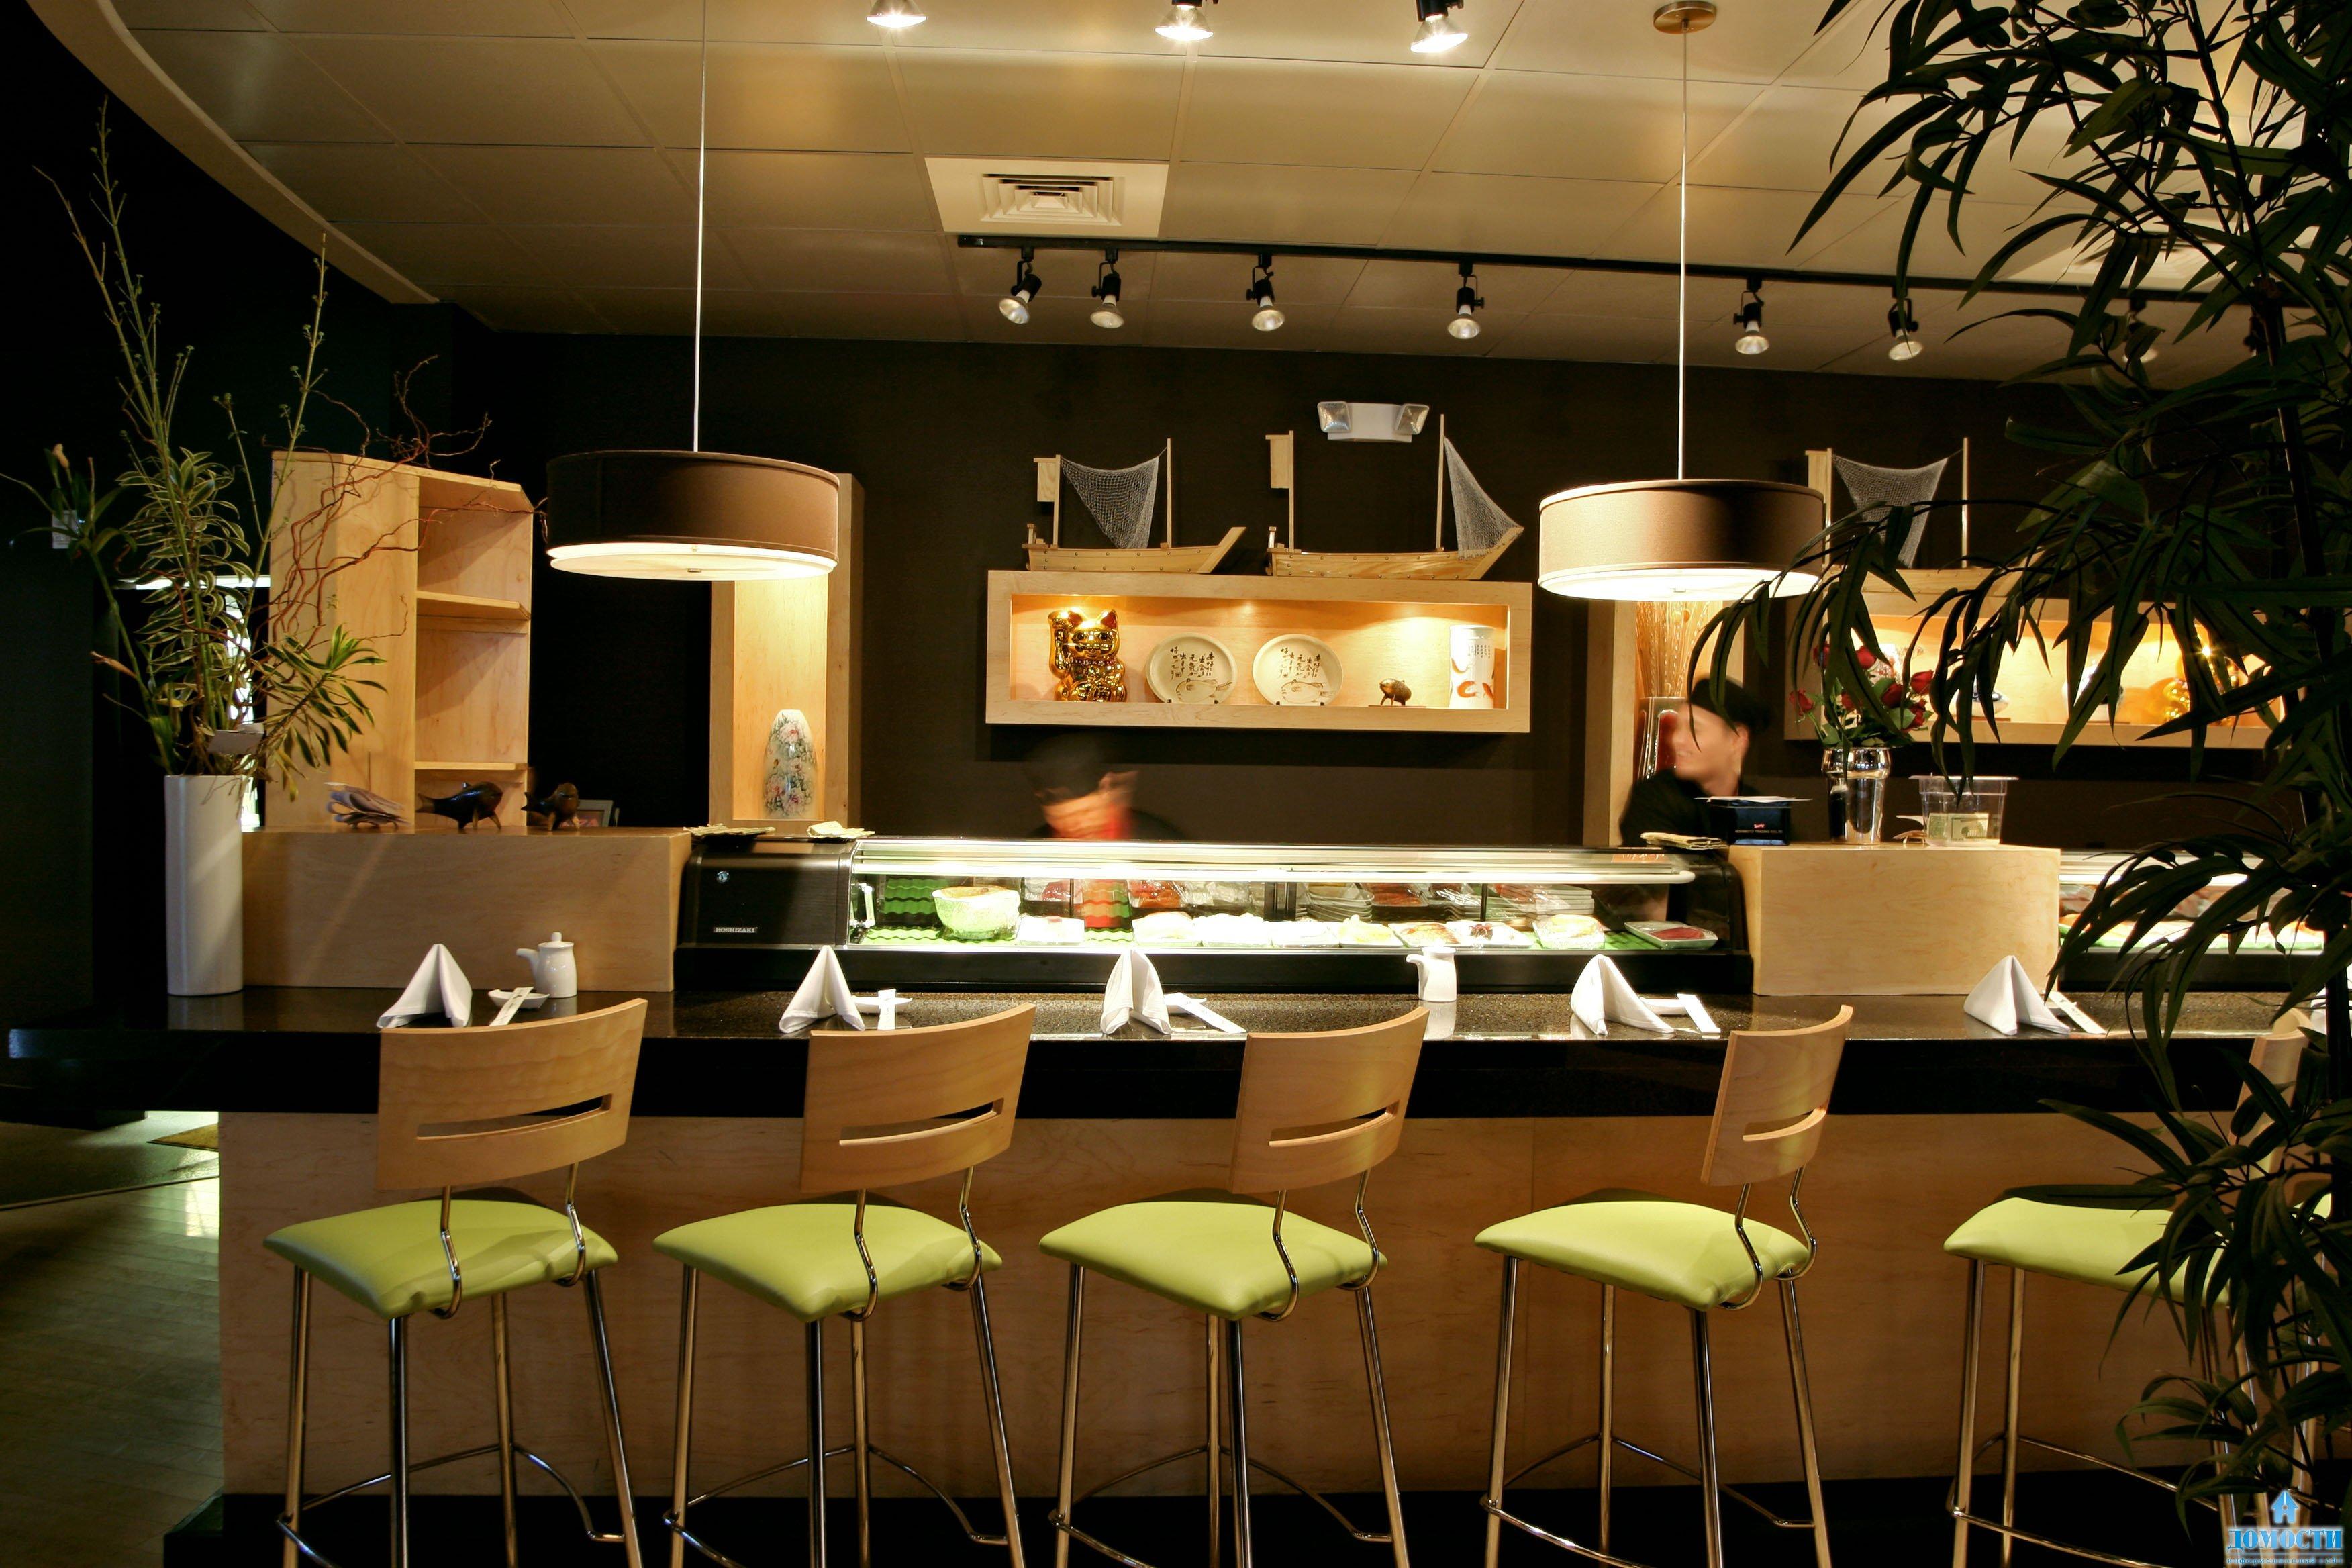 вот зимой картинки фото интерьеров кафе глубокая деревья